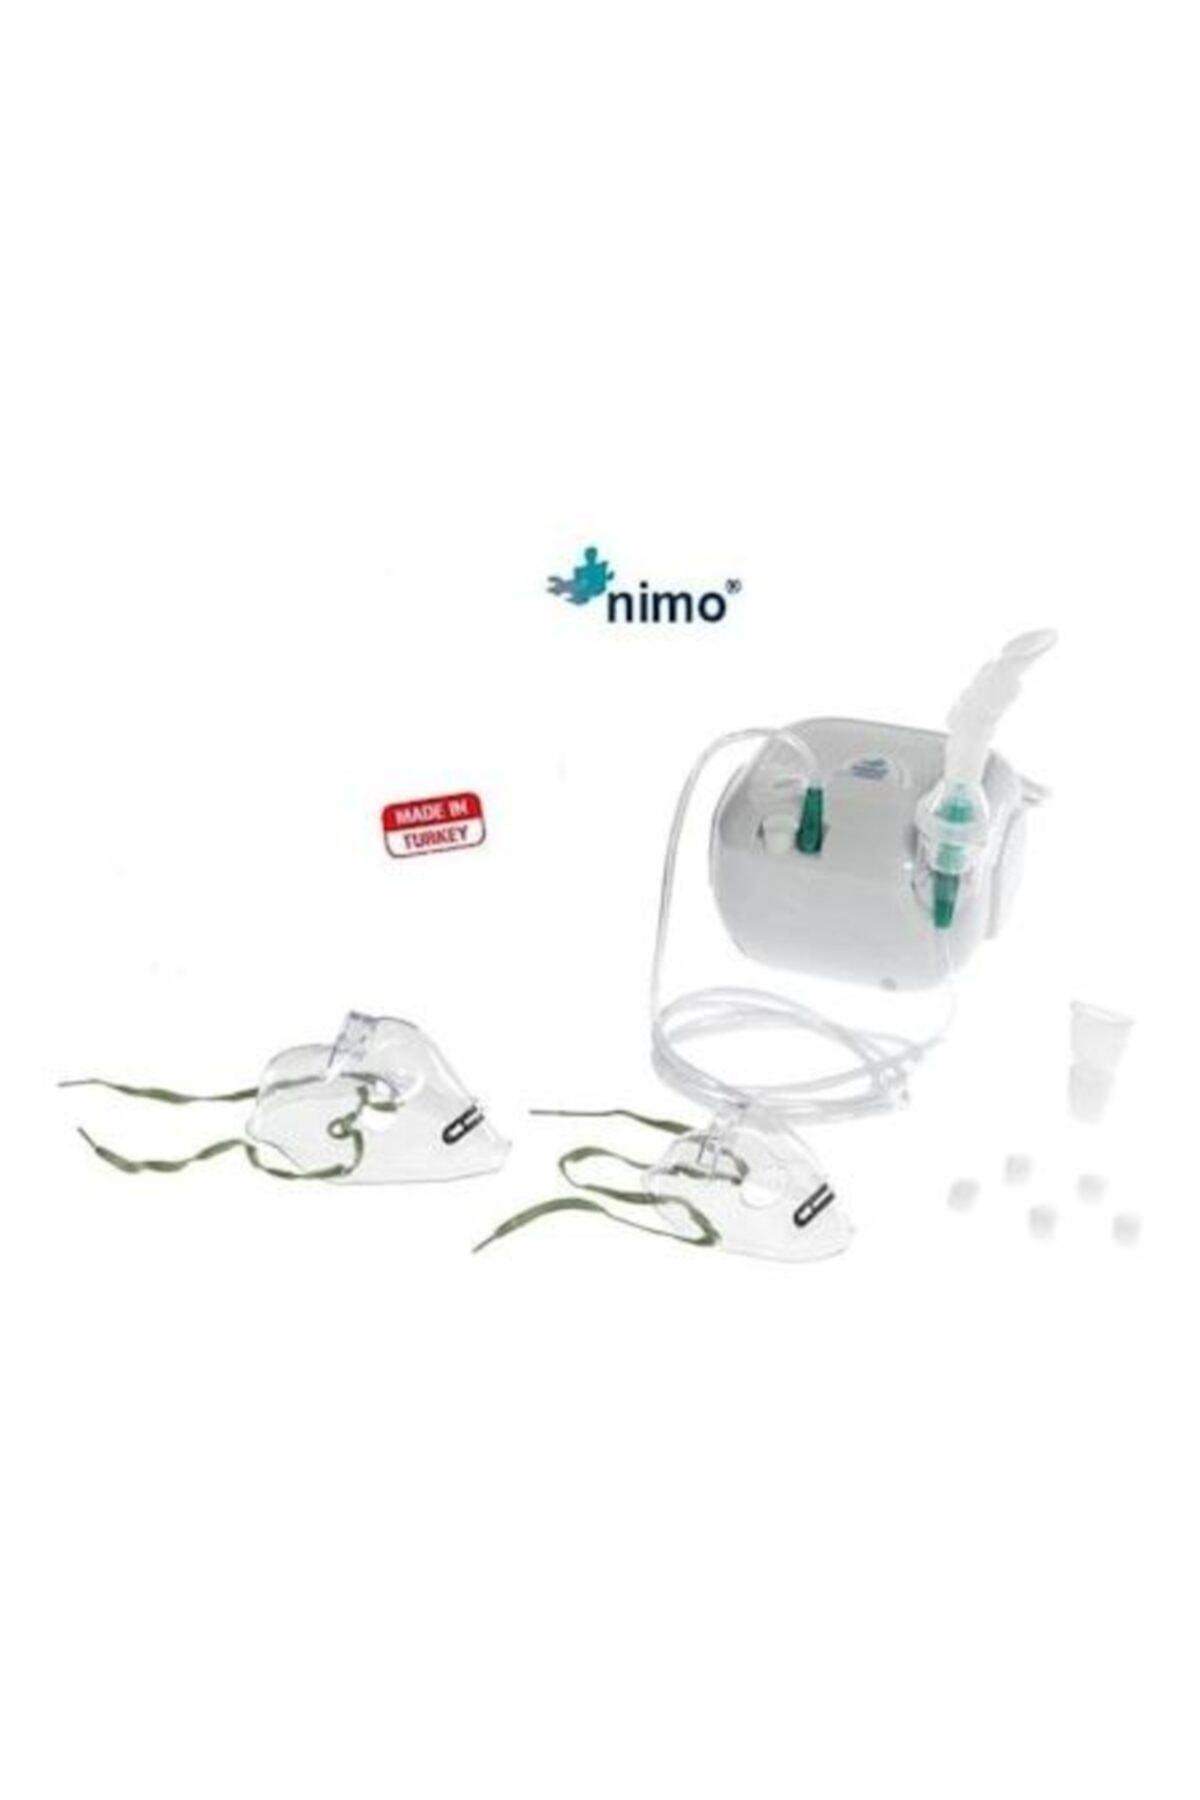 Nimo Mini Kompresörlü Kompak Nebulizatör Cihazı 2